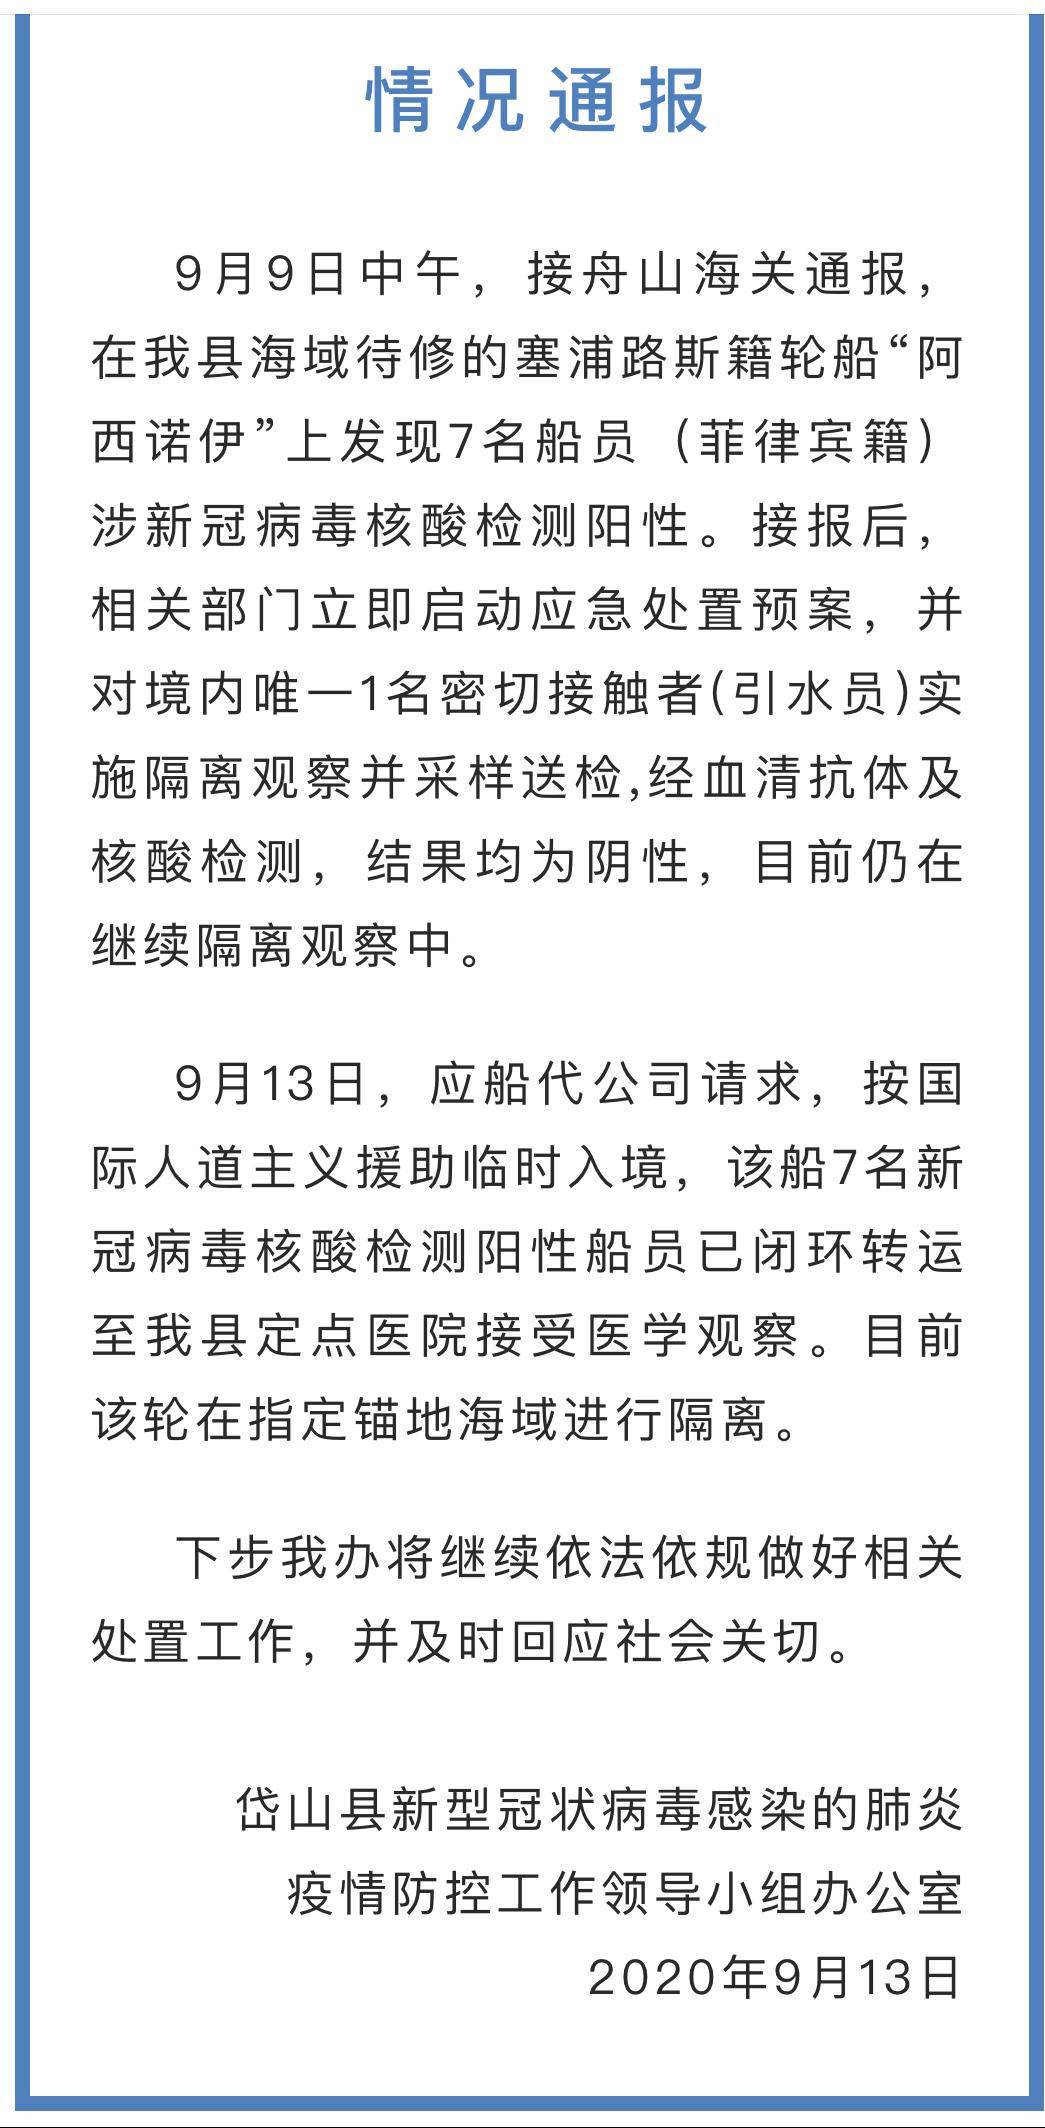 浙江岱山一外籍轮船7名船员核酸检测阳性 官方通报:已采取隔离措施图片